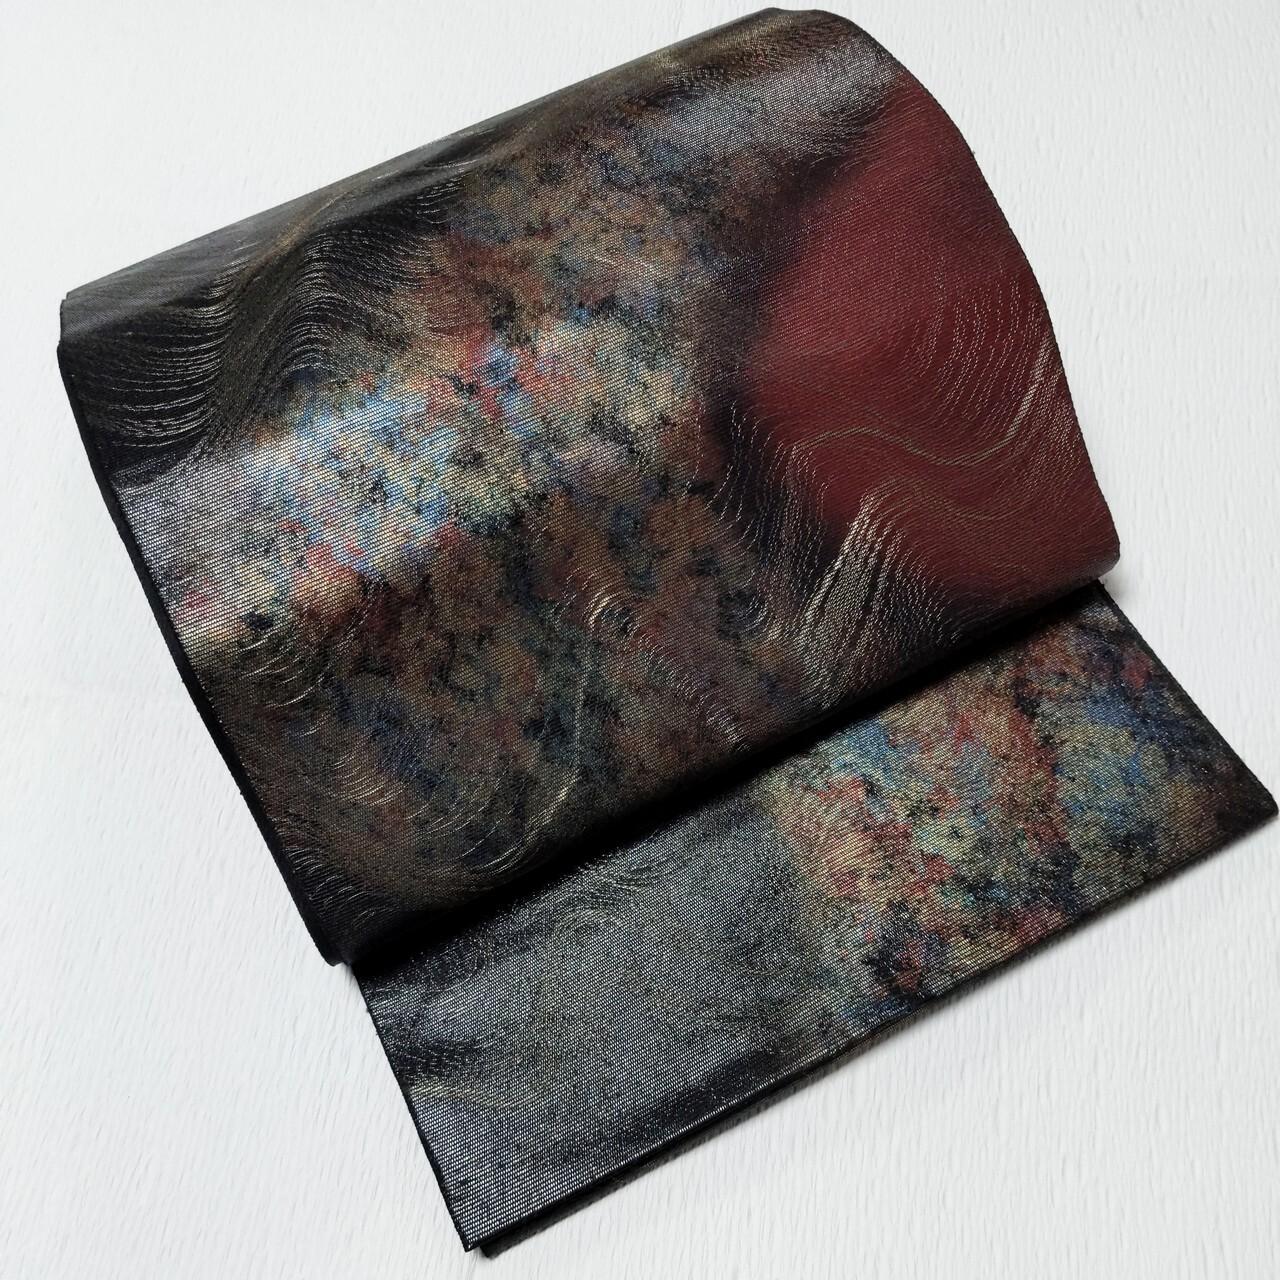 【迫力!】美品使用感少!  袋帯 六通 金銀箔 銀河の中の燃える火星